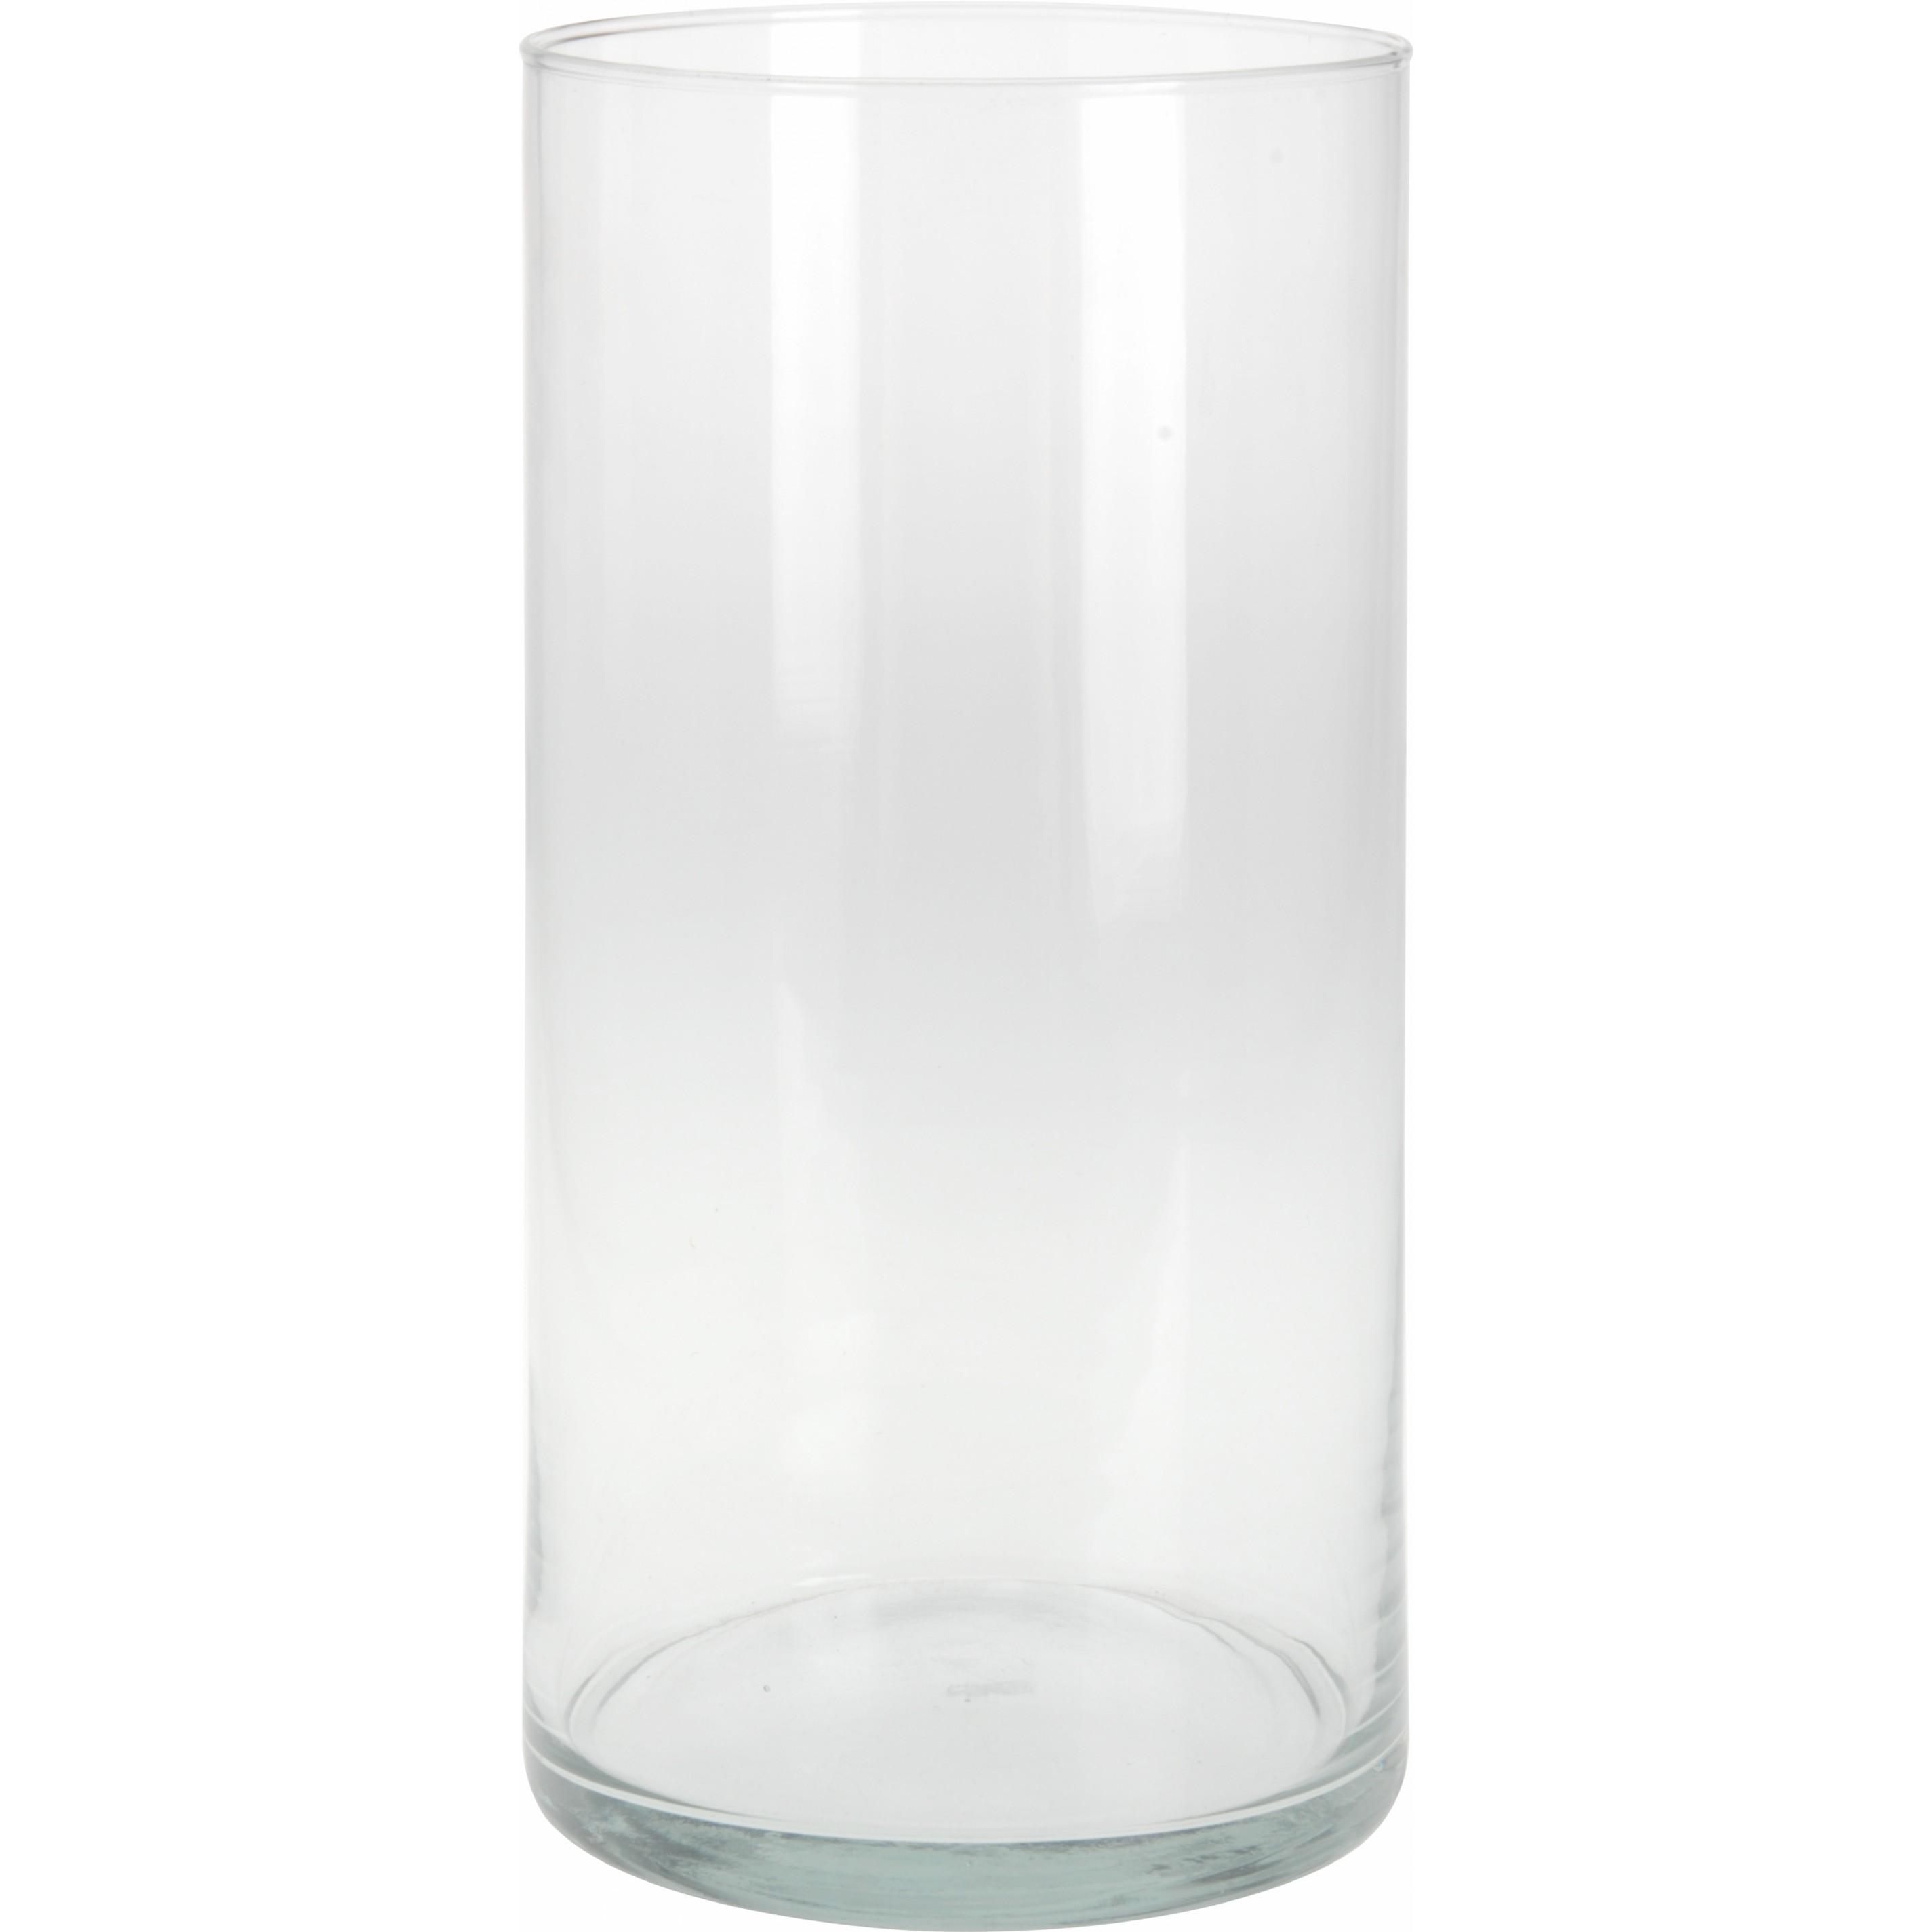 ВазаExcellent Houseware производит посуду и предметы домашнего обихода. Ваза предназначена для хранения цветов. Но она может быть просто украшением интерьера. Если положить внутрь какие-то декоративные элементы, конфеты или специи, тогда она станет своеобразной эксклюзивной статуэткой.<br>